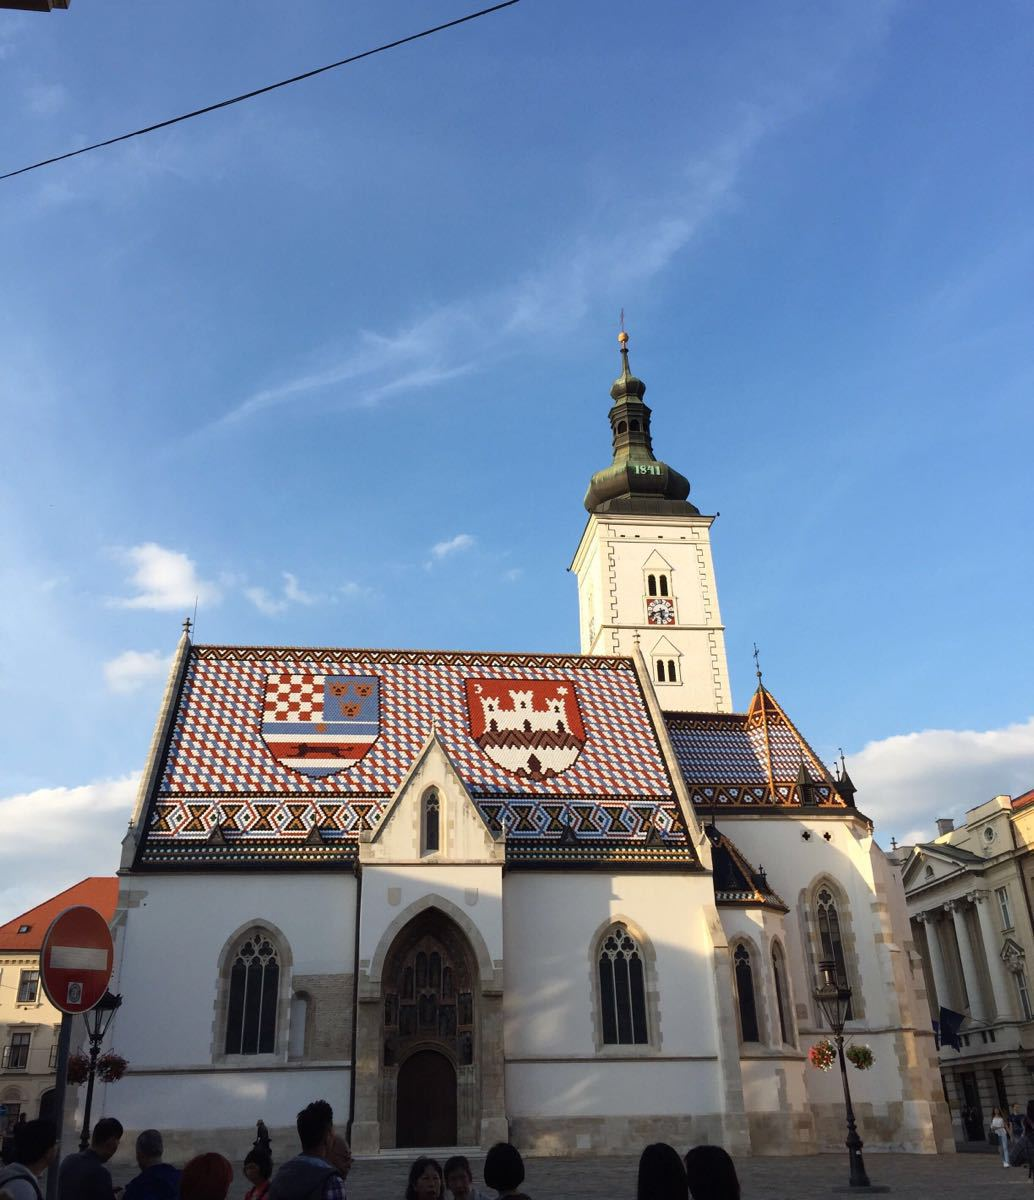 圣馬可教堂  St Mark's Church   -4